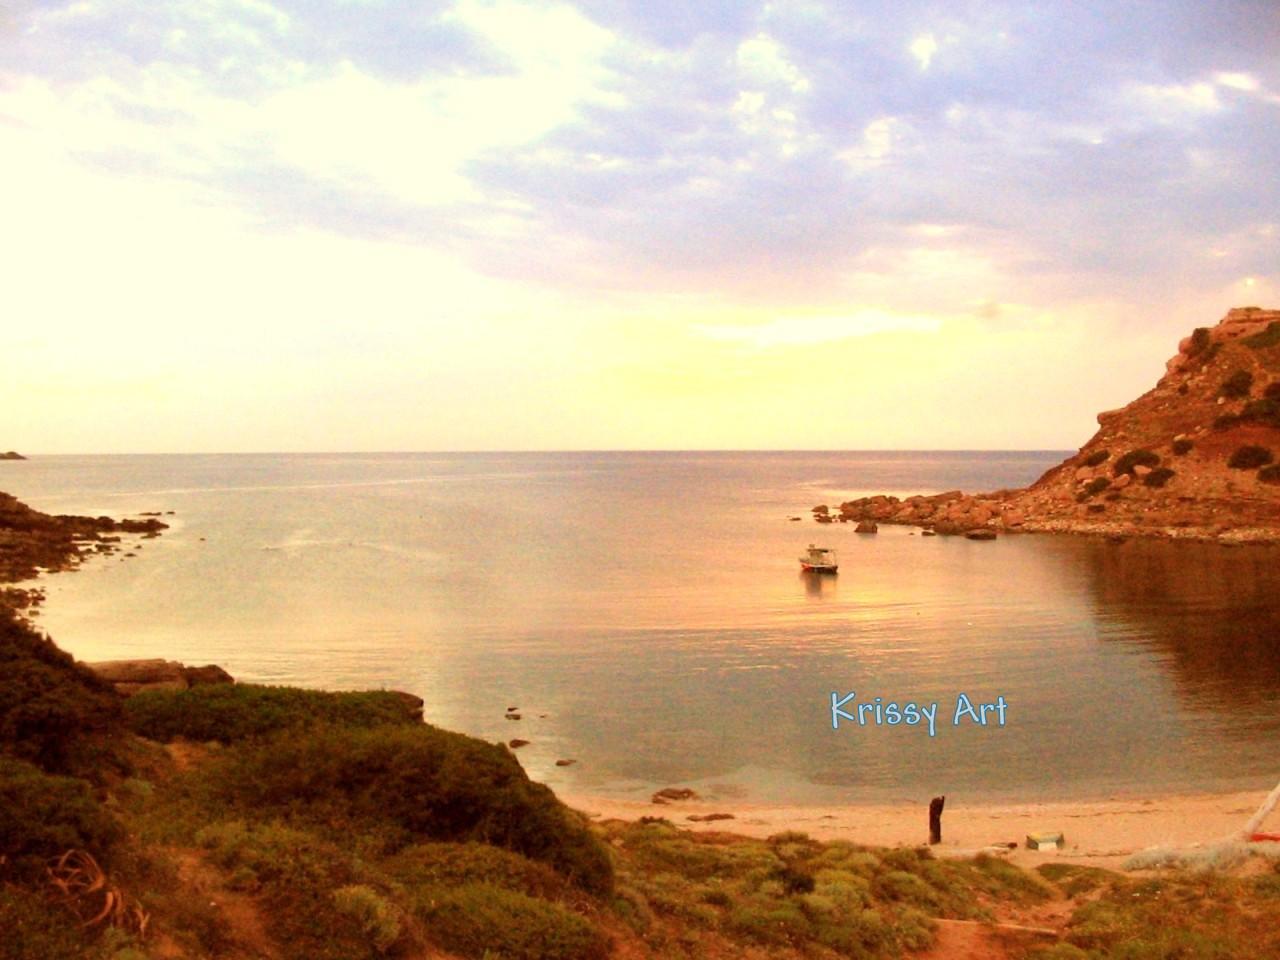 Spiaggia Torre del Porticciolo ad Alghero - Sardegna - Krissy ph